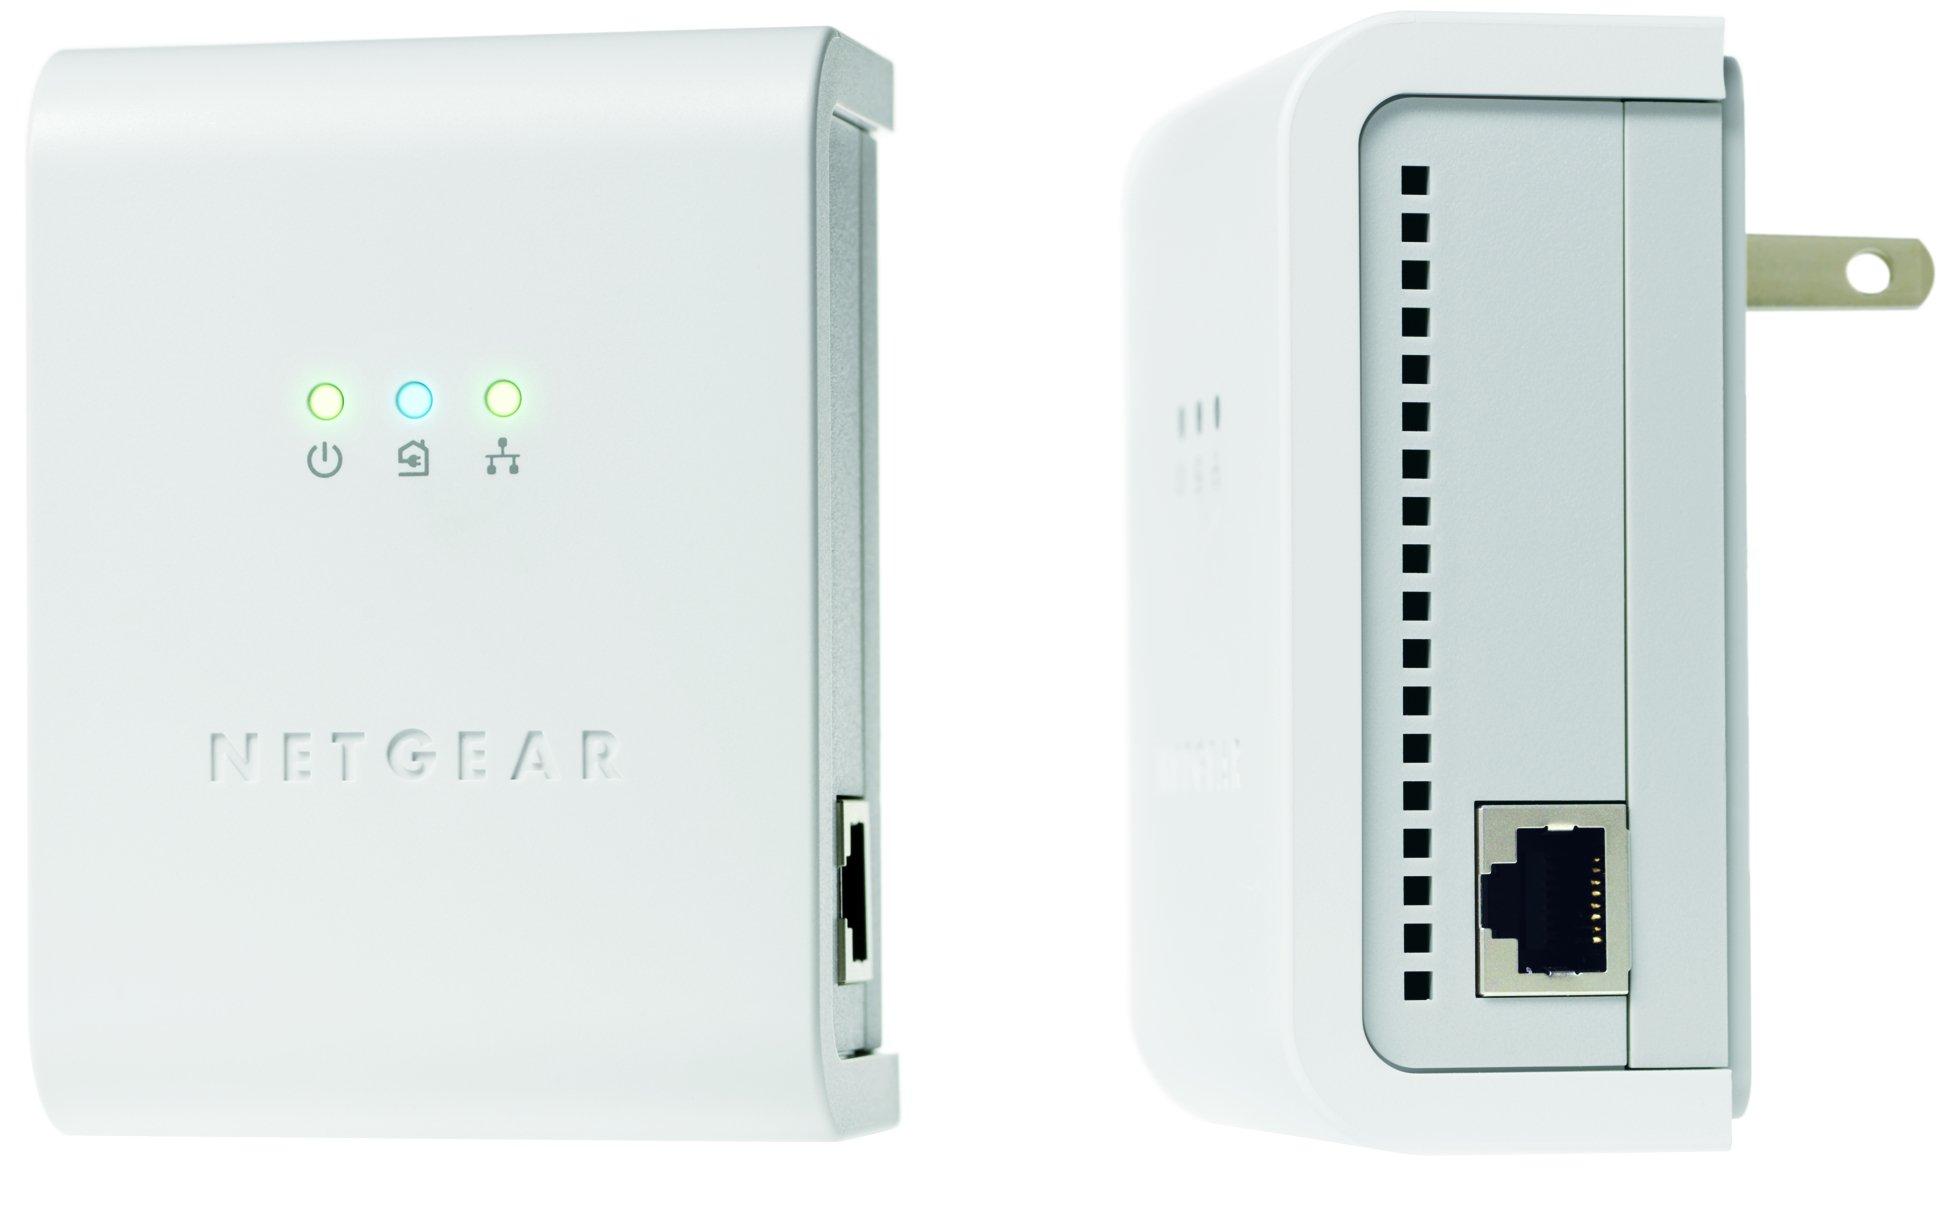 Netgear 85Mbps Powerline Network Adapter Kit - XETB1001 by NETGEAR